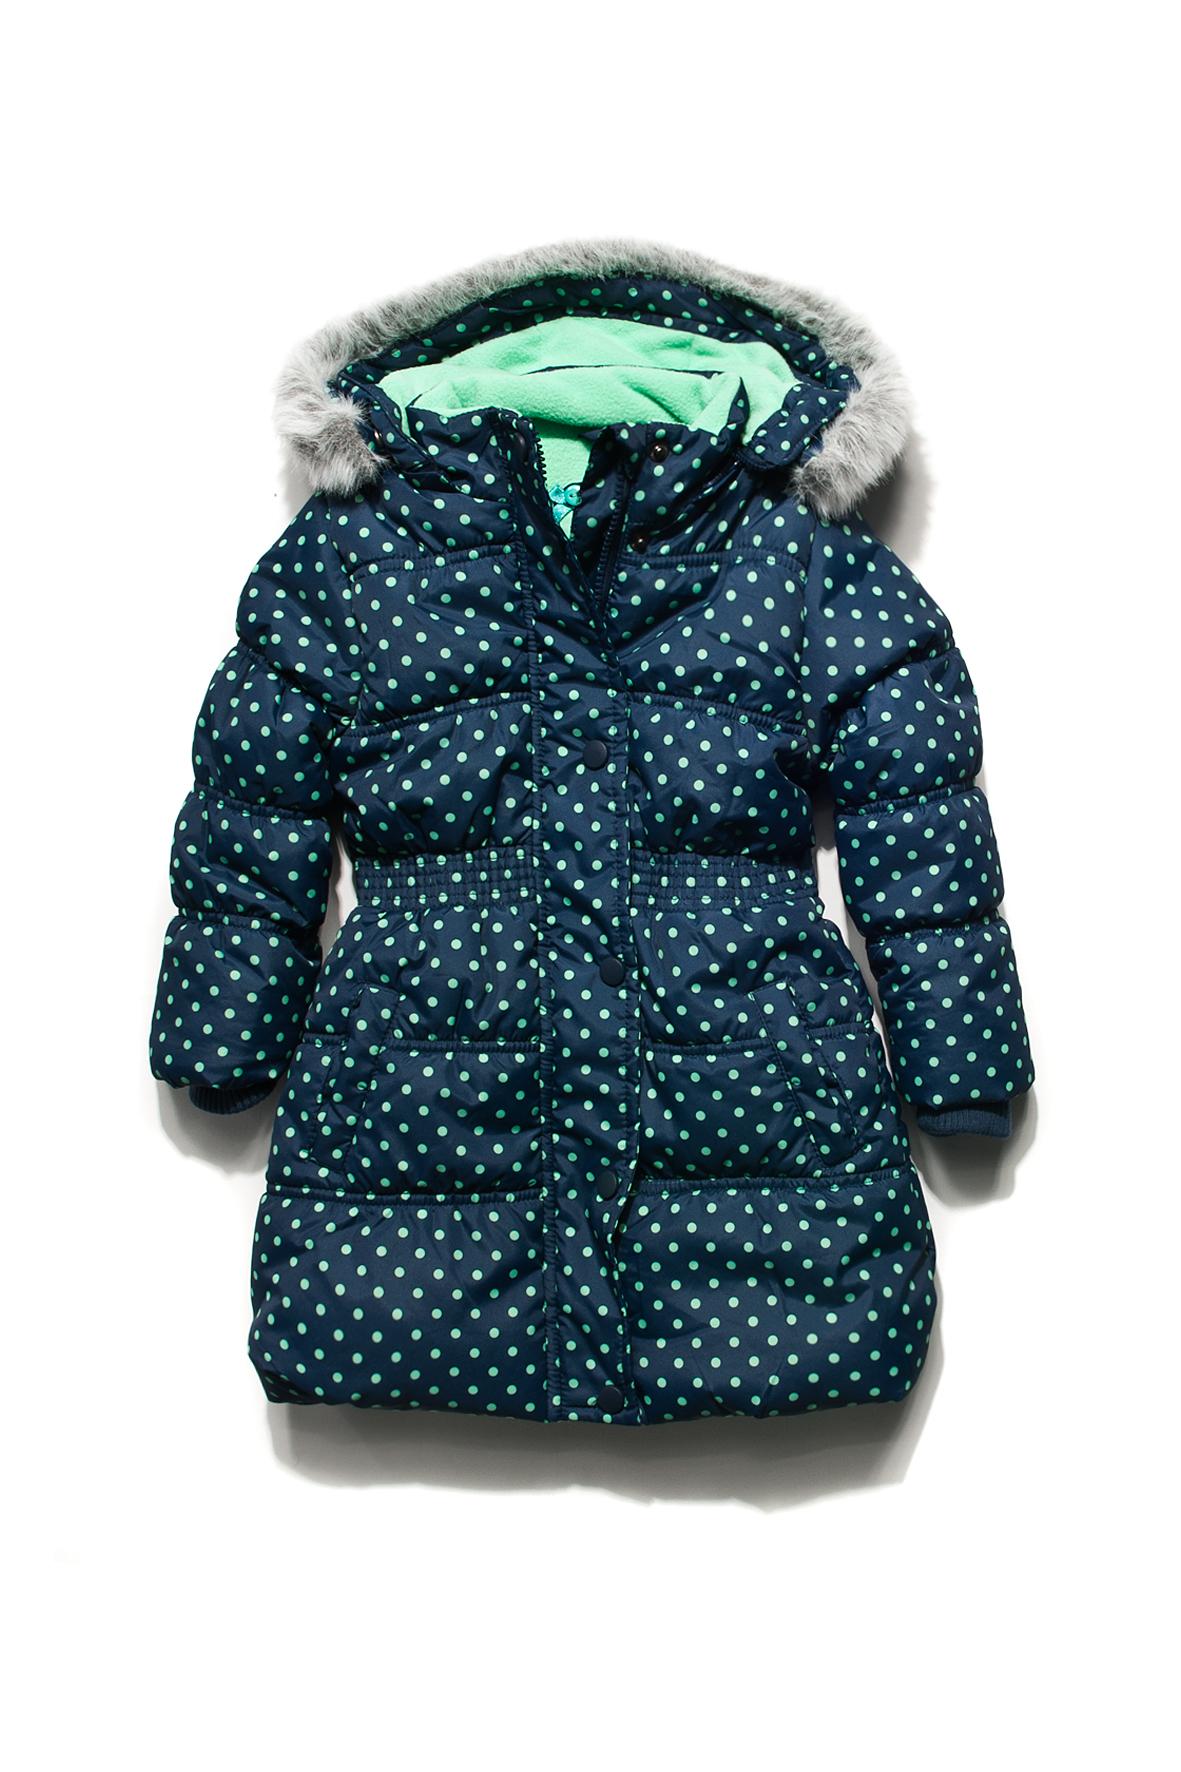 Płaszcz dziewczęcy w urocze groszki (źródło: www.51015kids.eu)